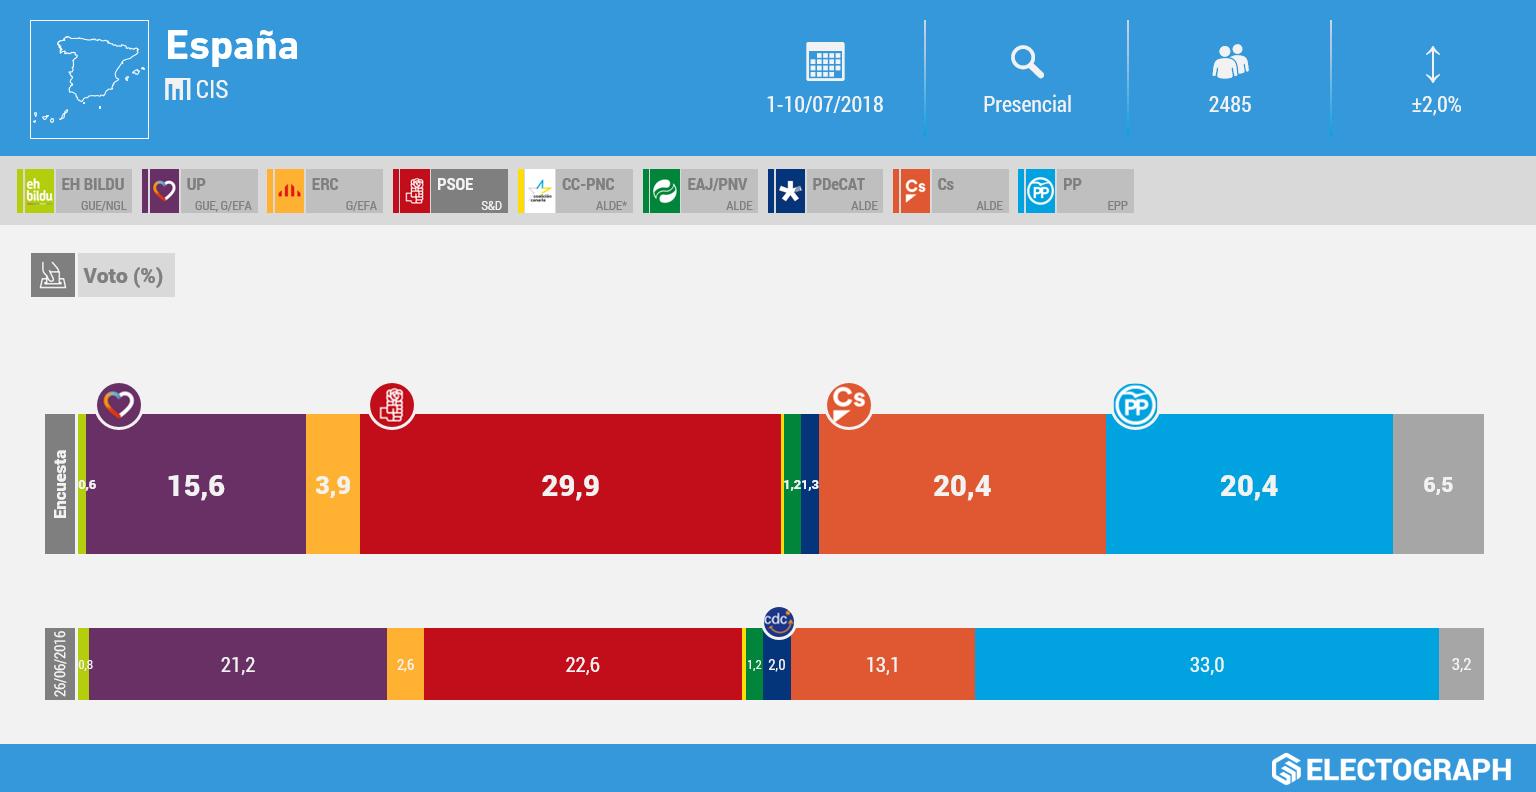 Gráfico de la encuesta para elecciones generales en España realizada por el CIS en julio de 2018